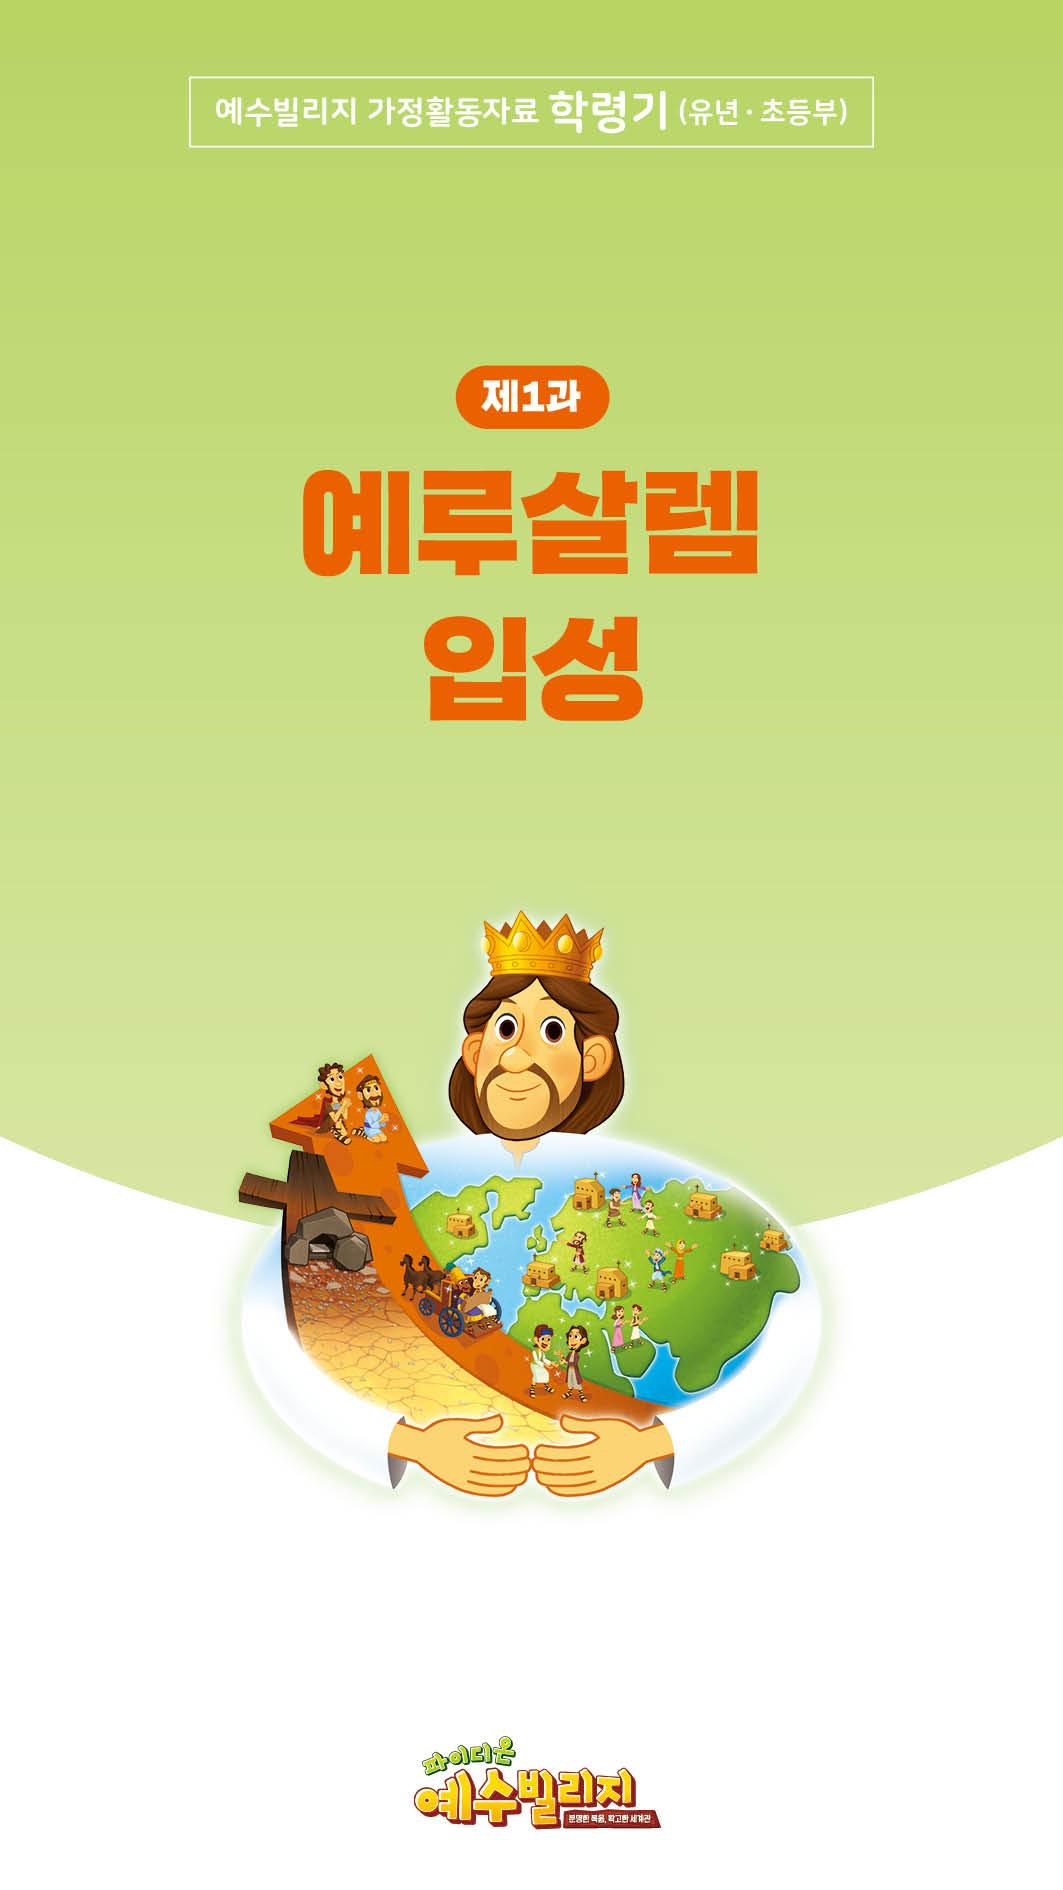 예빌 가정활동자료_신약2 모바일 1과_학령기.jpg